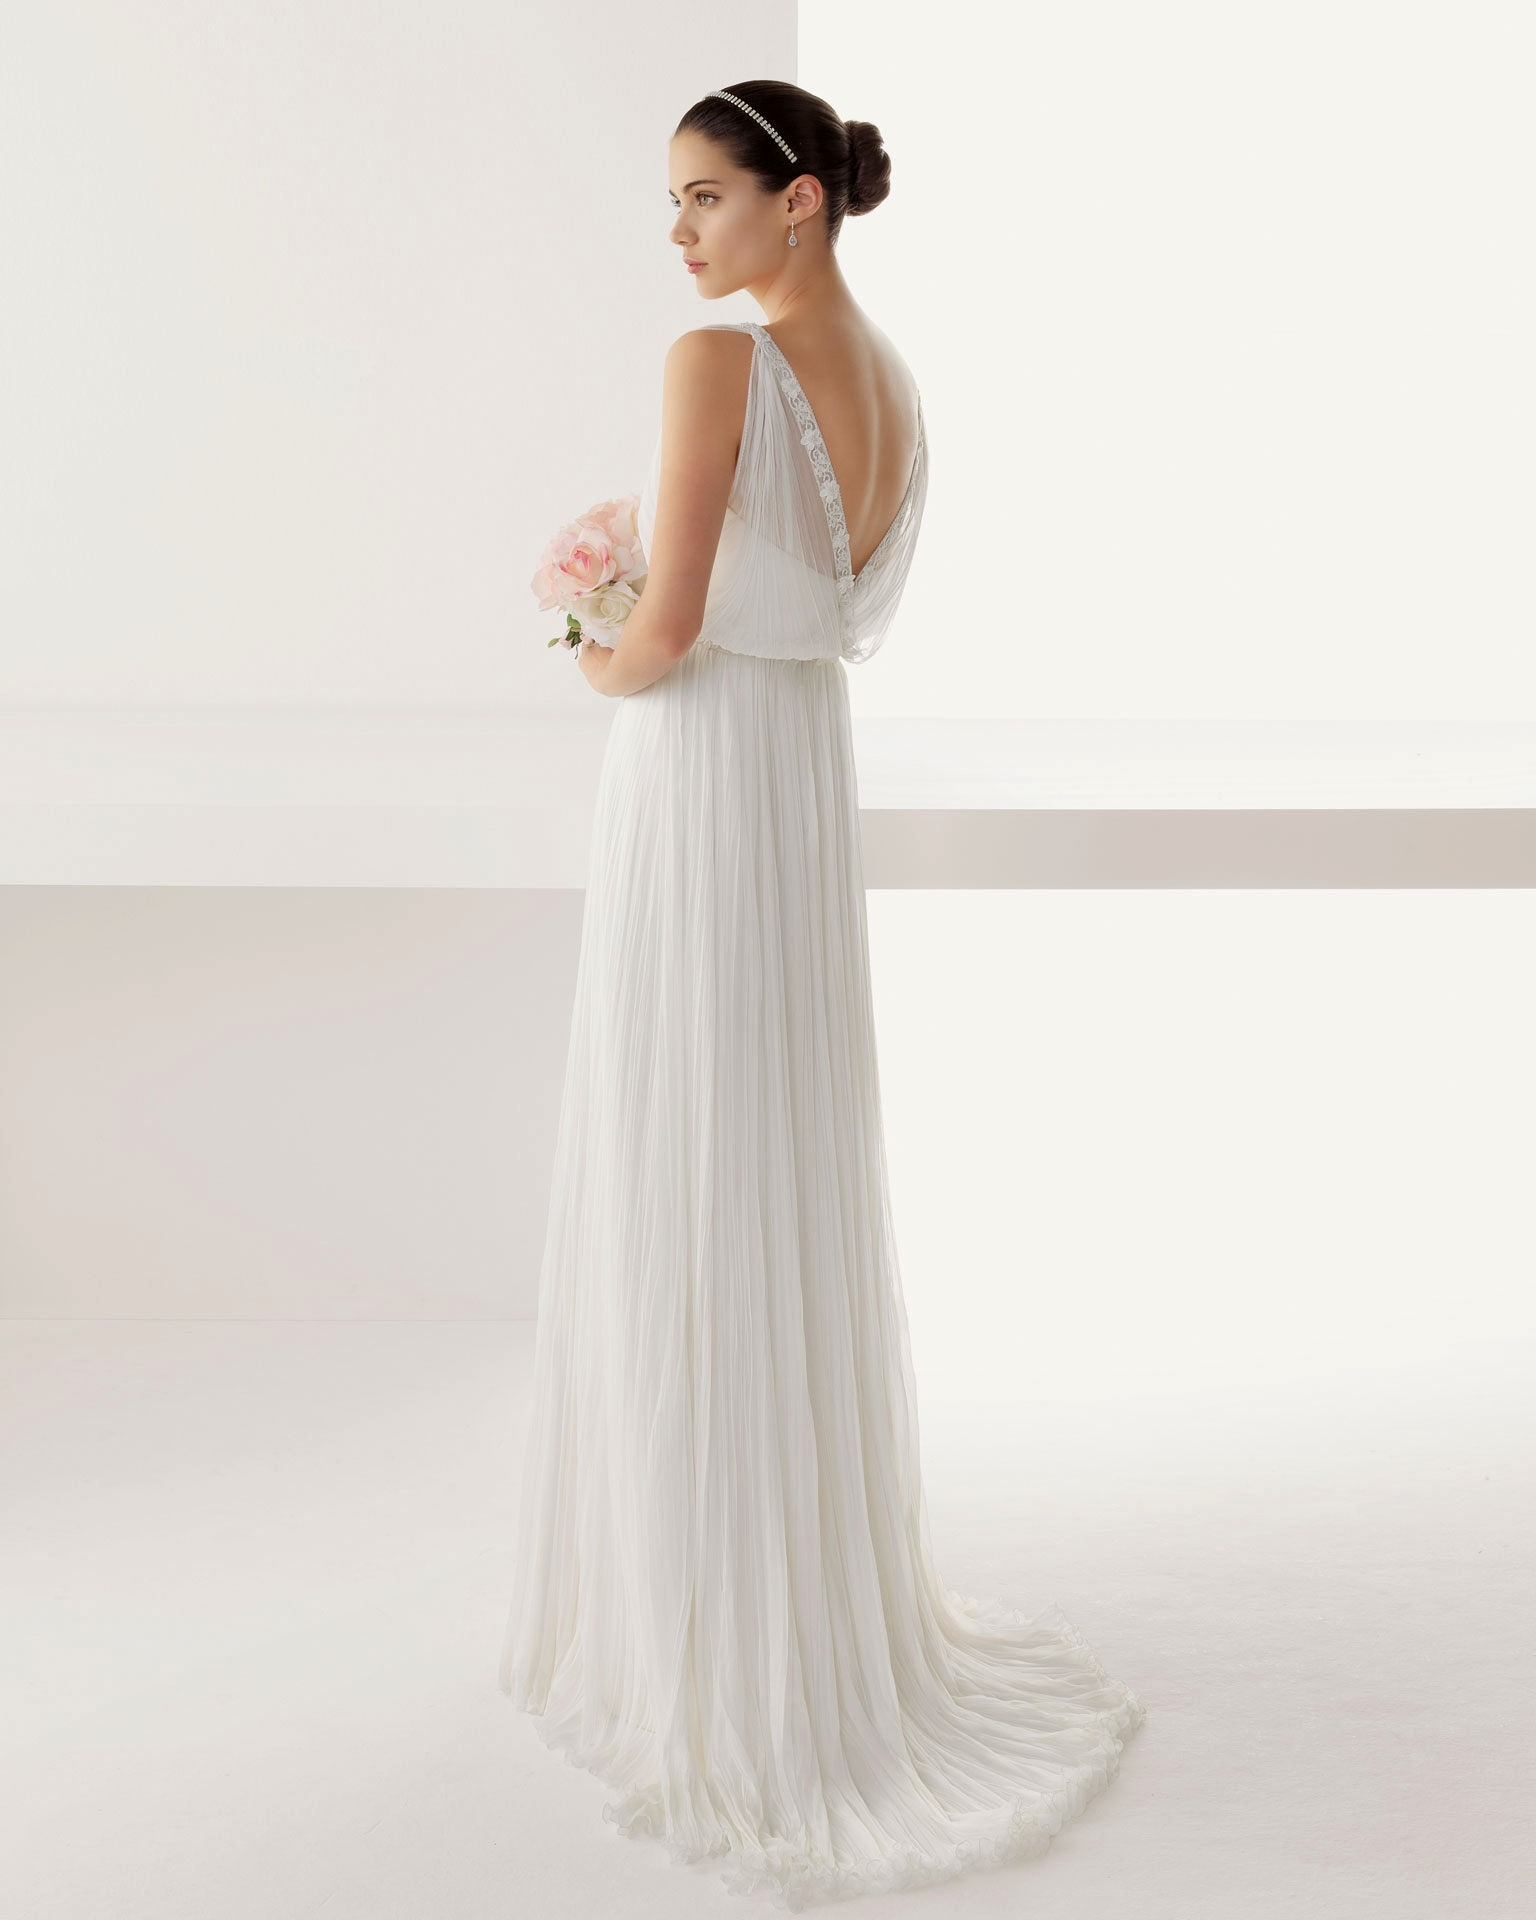 Einzigartig Strandkleid Weiß Hochzeit Bester Preis20 Wunderbar Strandkleid Weiß Hochzeit Boutique